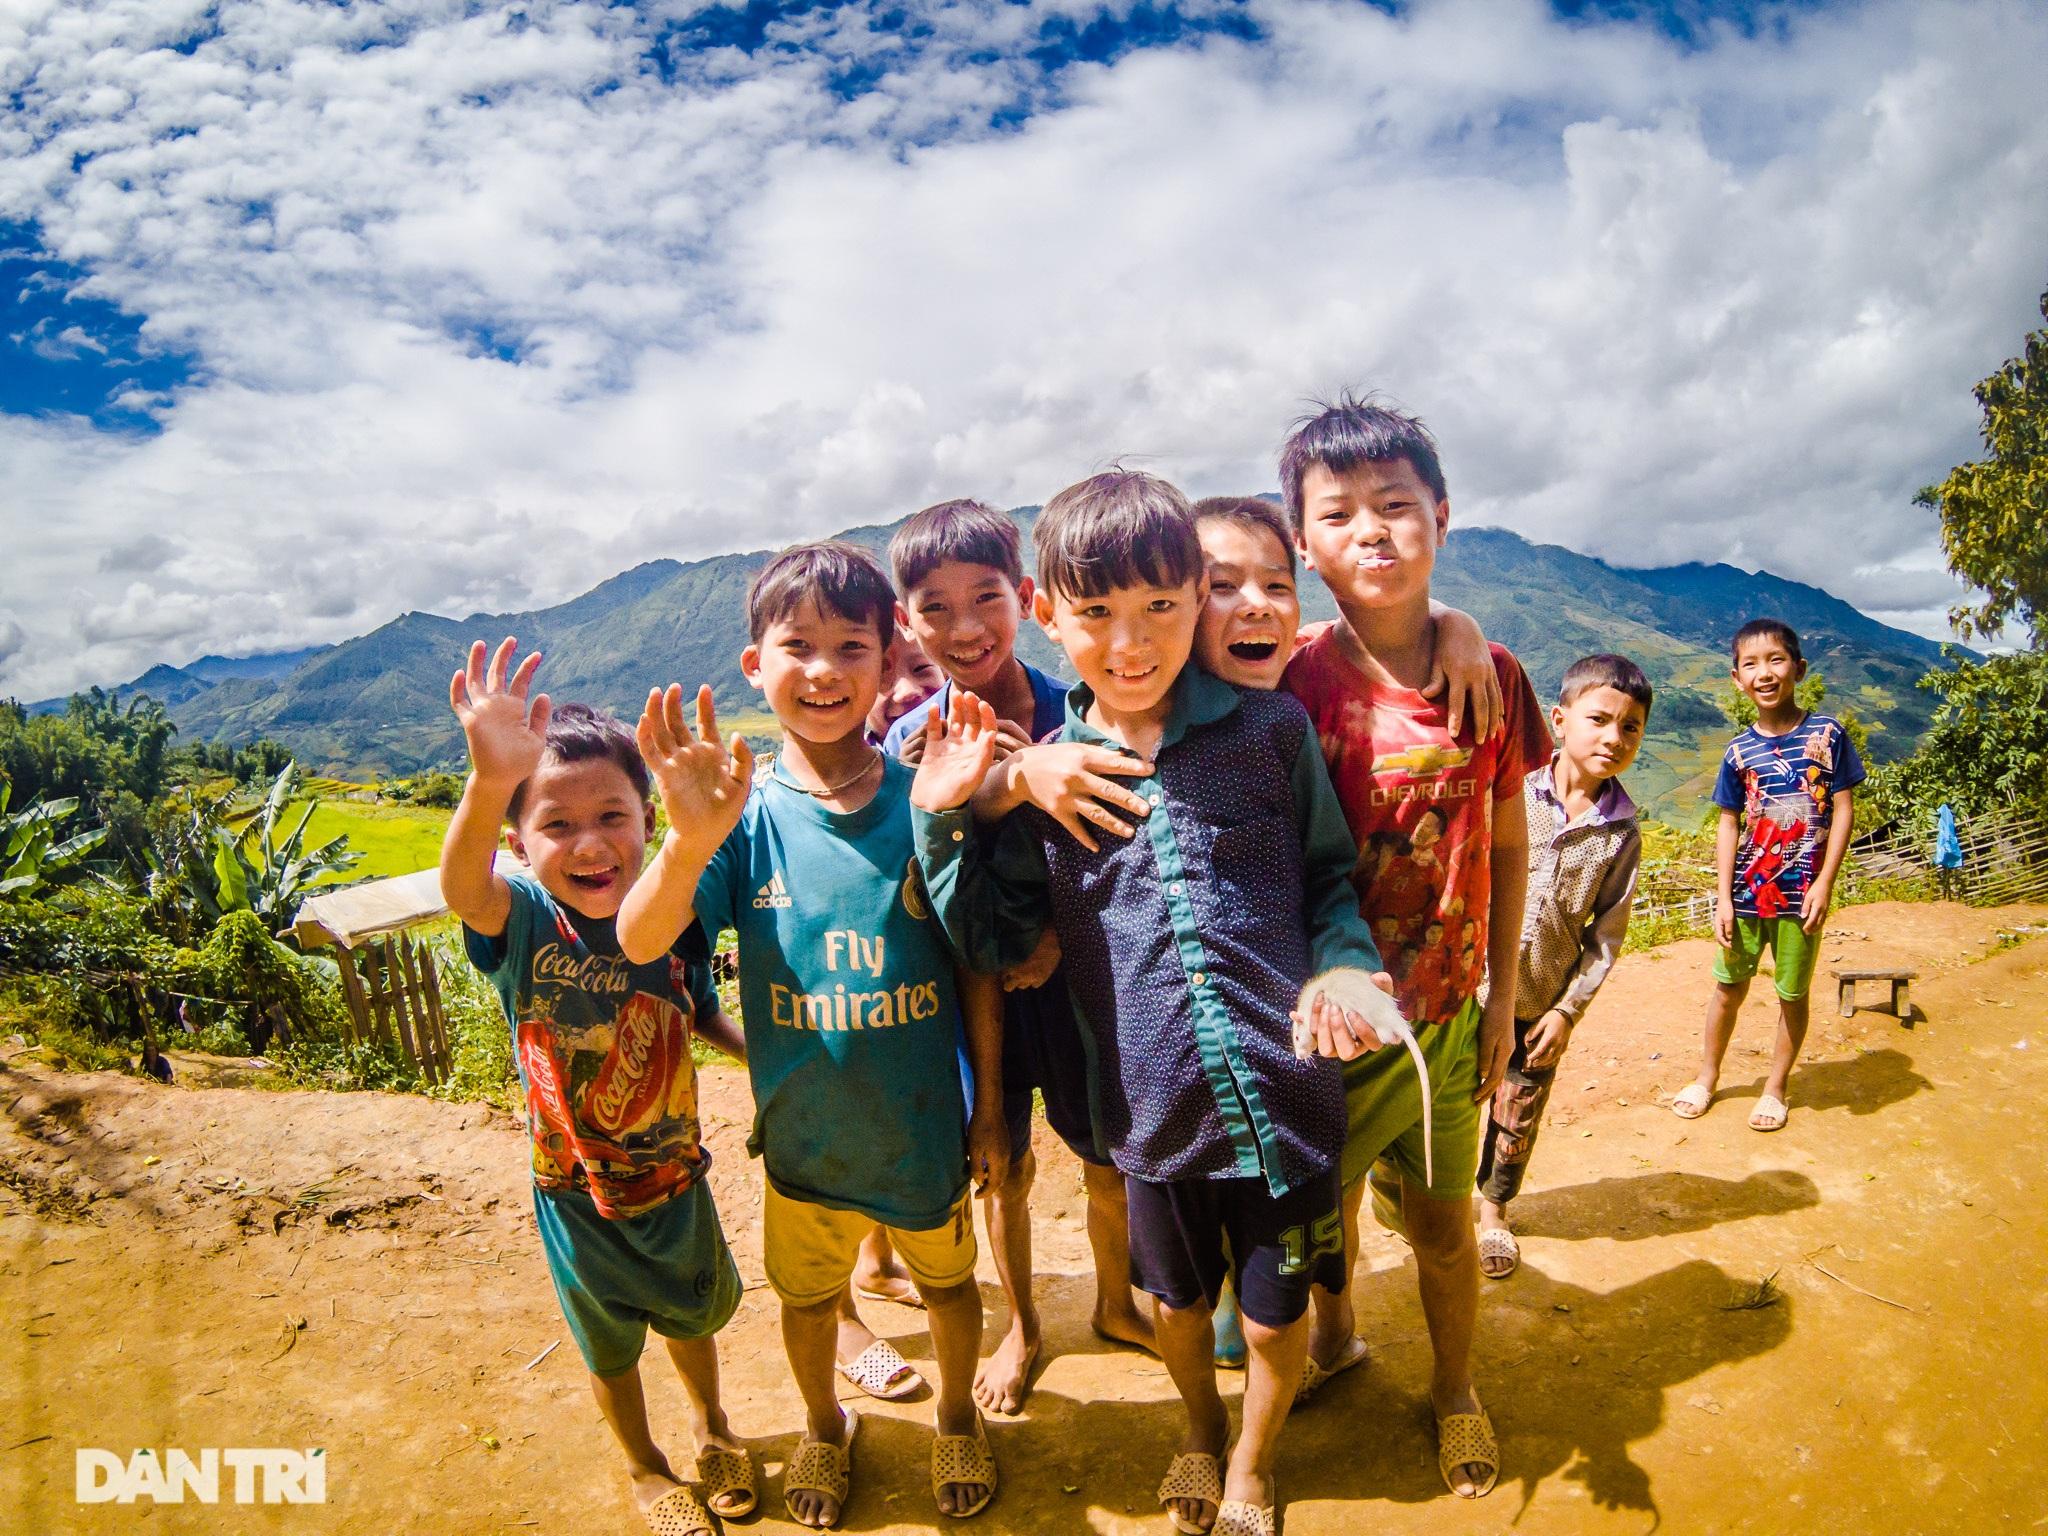 Chạy bộ khám phá vẻ đẹp rực rỡ của những bản làng Mù Cang Chải - 13